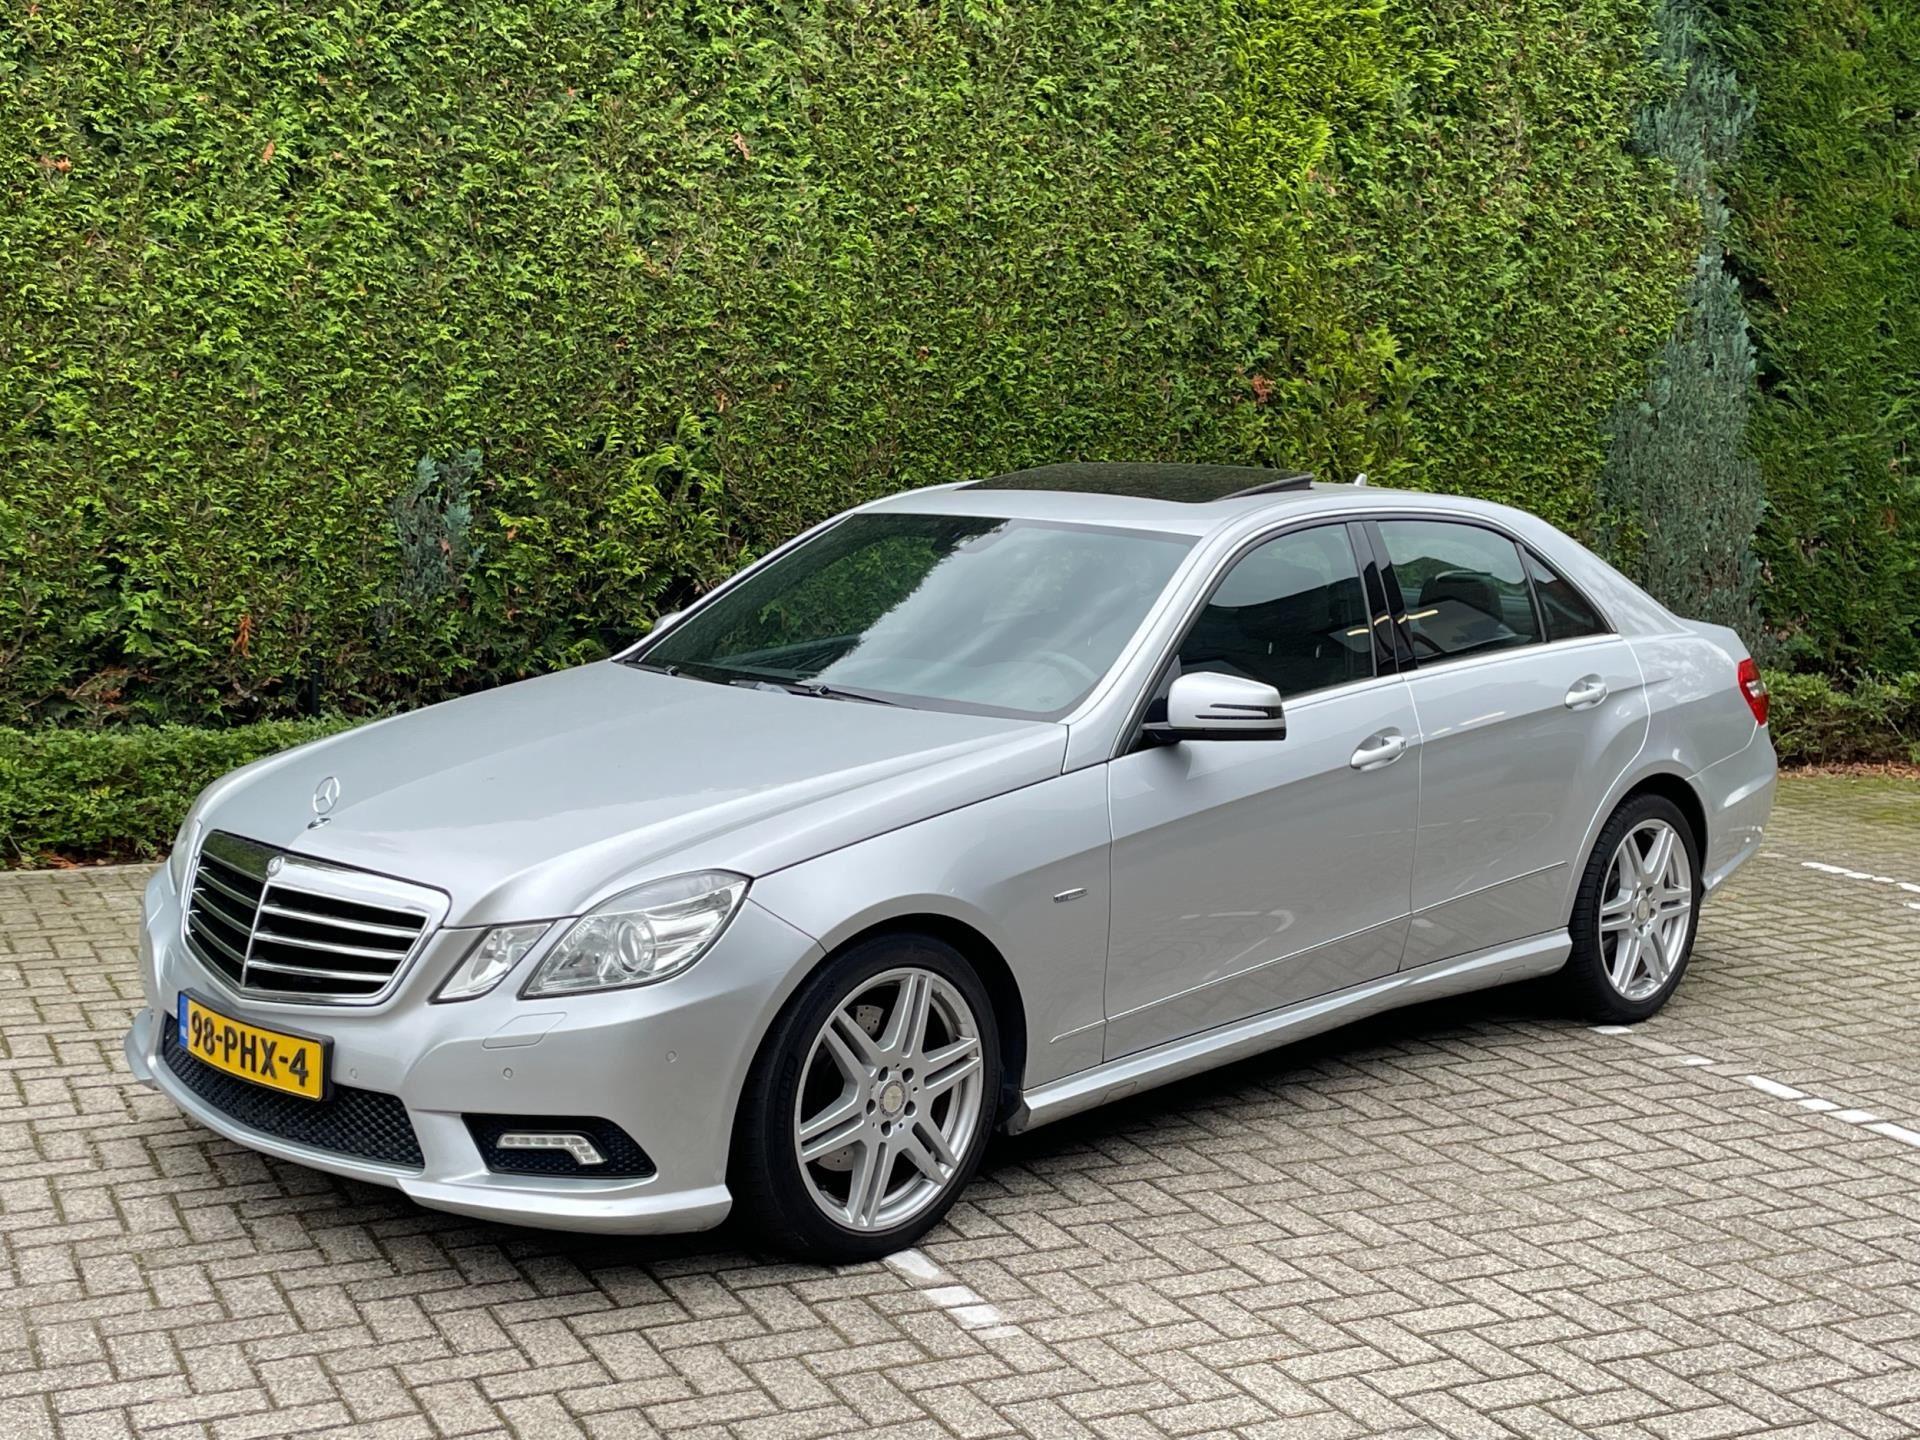 Mercedes-Benz E-klasse occasion - Dealer Outlet Cuijk b.v.